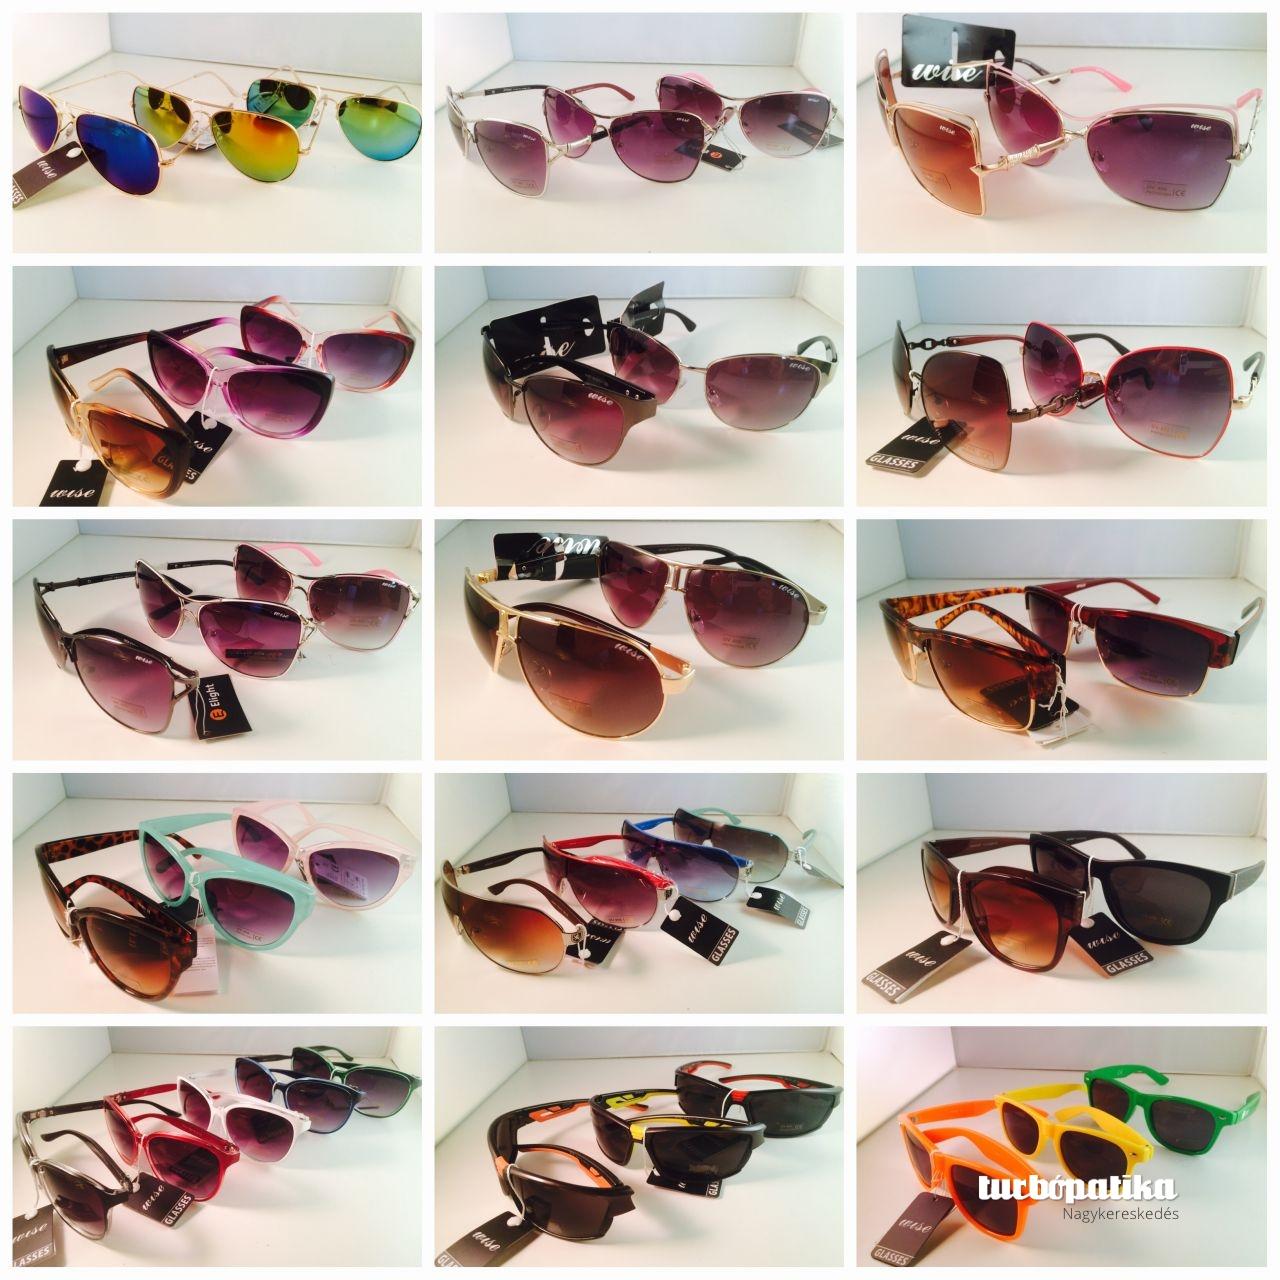 50 db-os napszemüveg giga-pack UW400 (A teljes felnőtt készletből összeválogatva!)